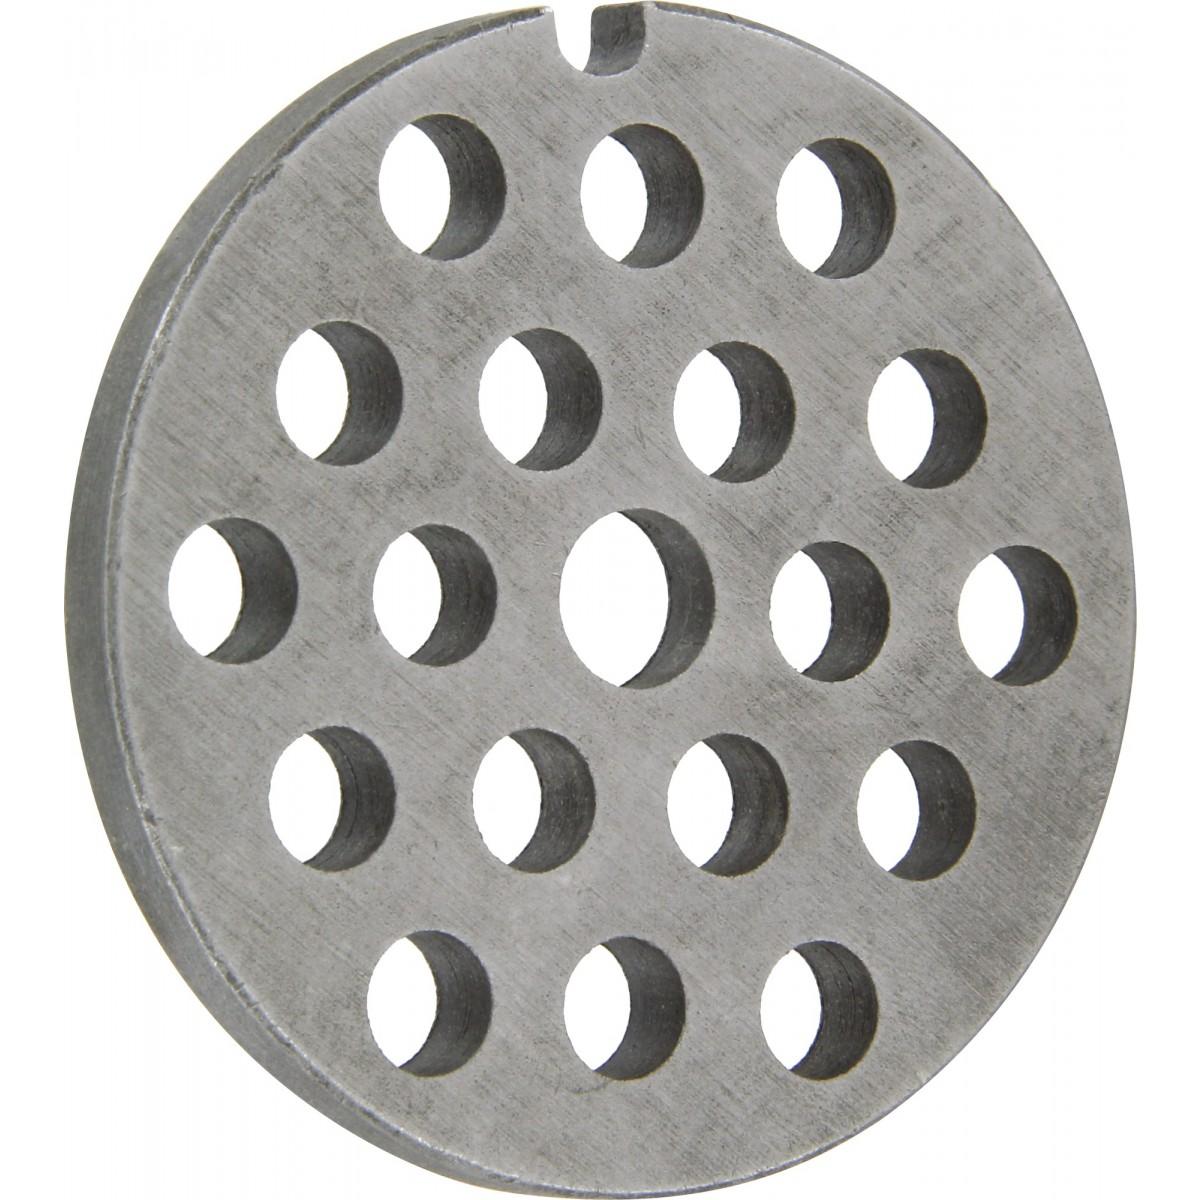 Grille pour hachoir manuel - Pour n°10 - Diamètre trou 8 mm